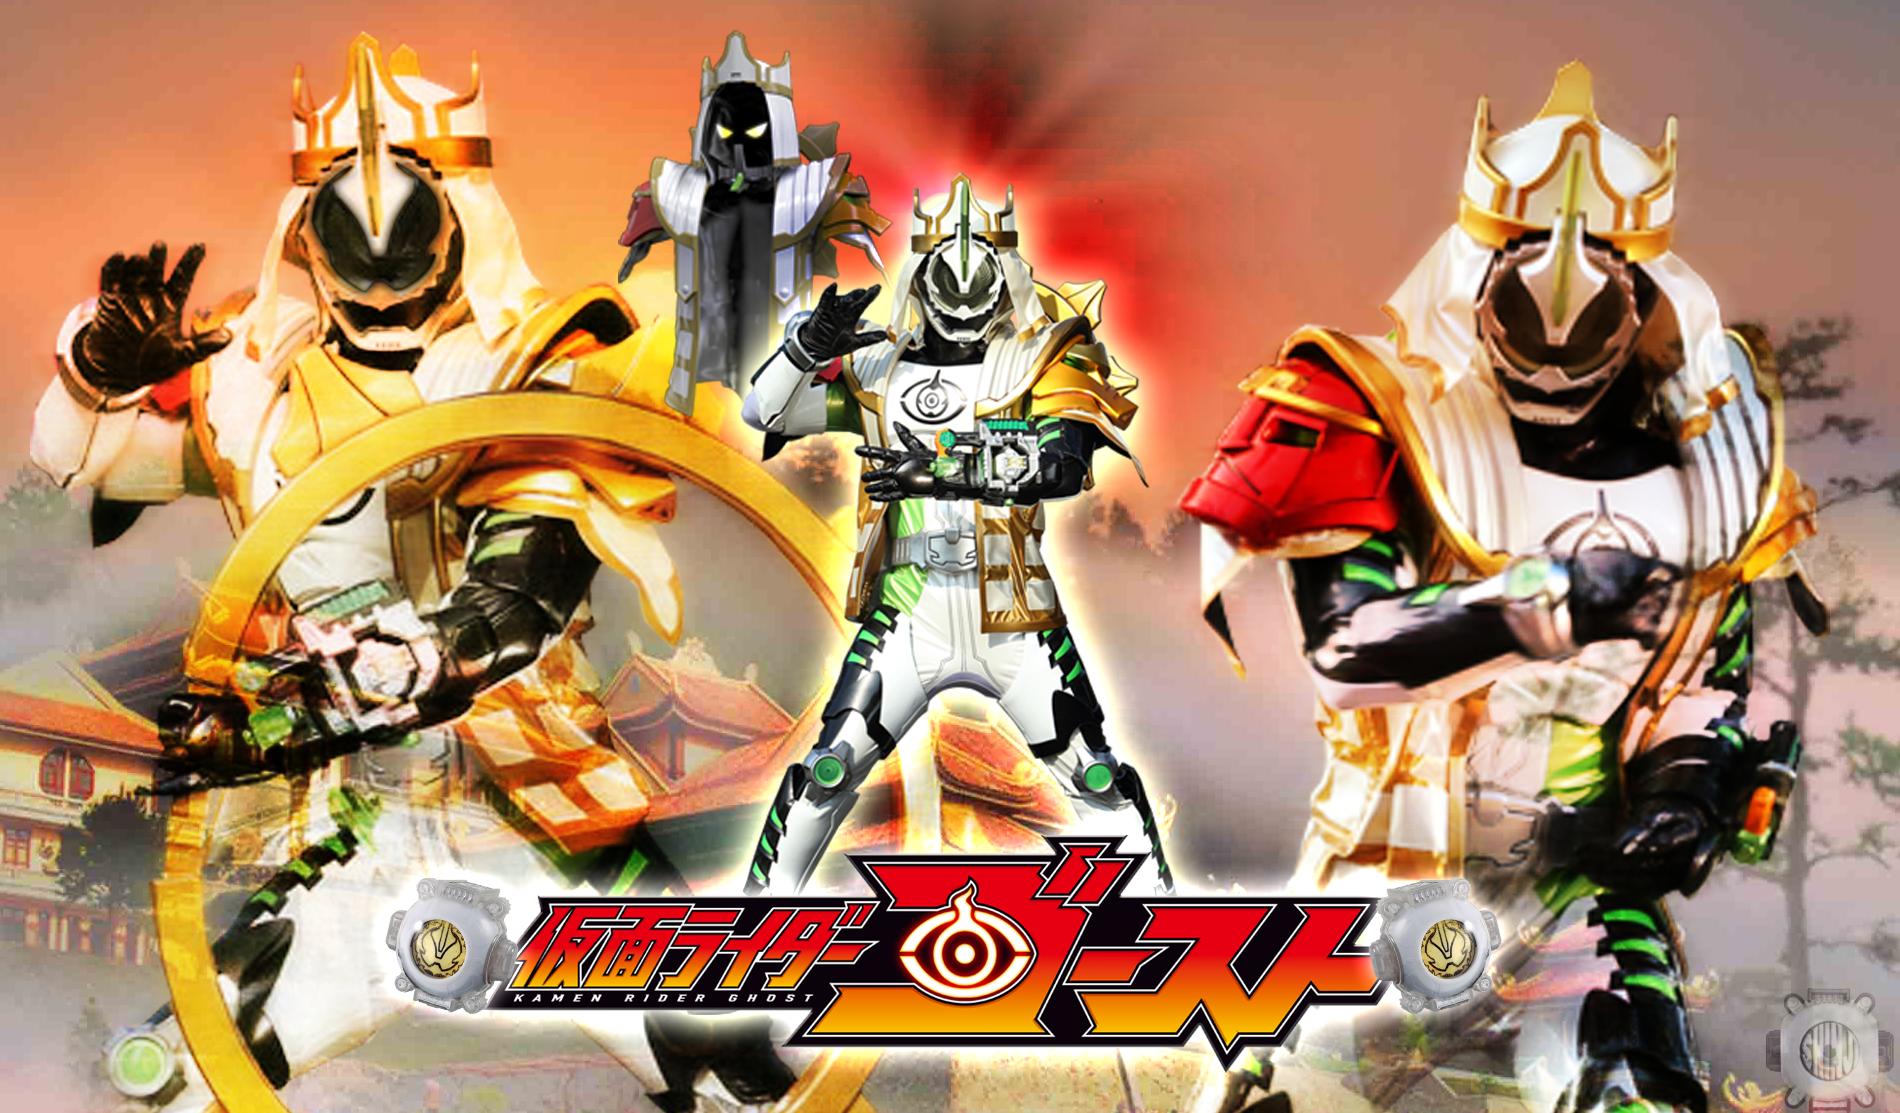 Kamen Rider Necrom: Kamen Rider Necrom Sanzo Damashii Wallpaper By Malecoc On